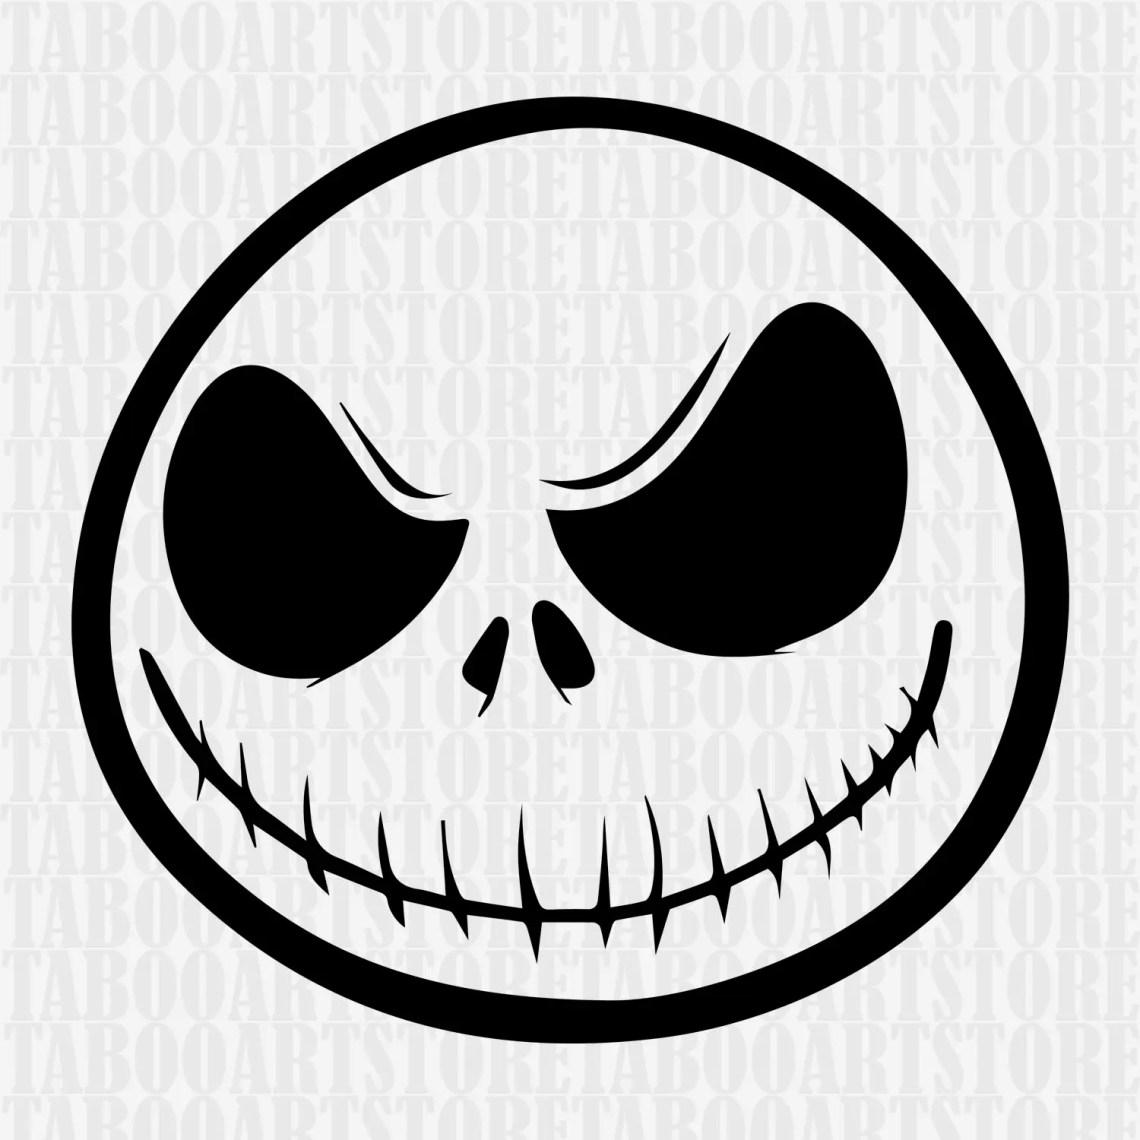 Download Jack skellington stenciljack skellington SVG Nightmare | Etsy